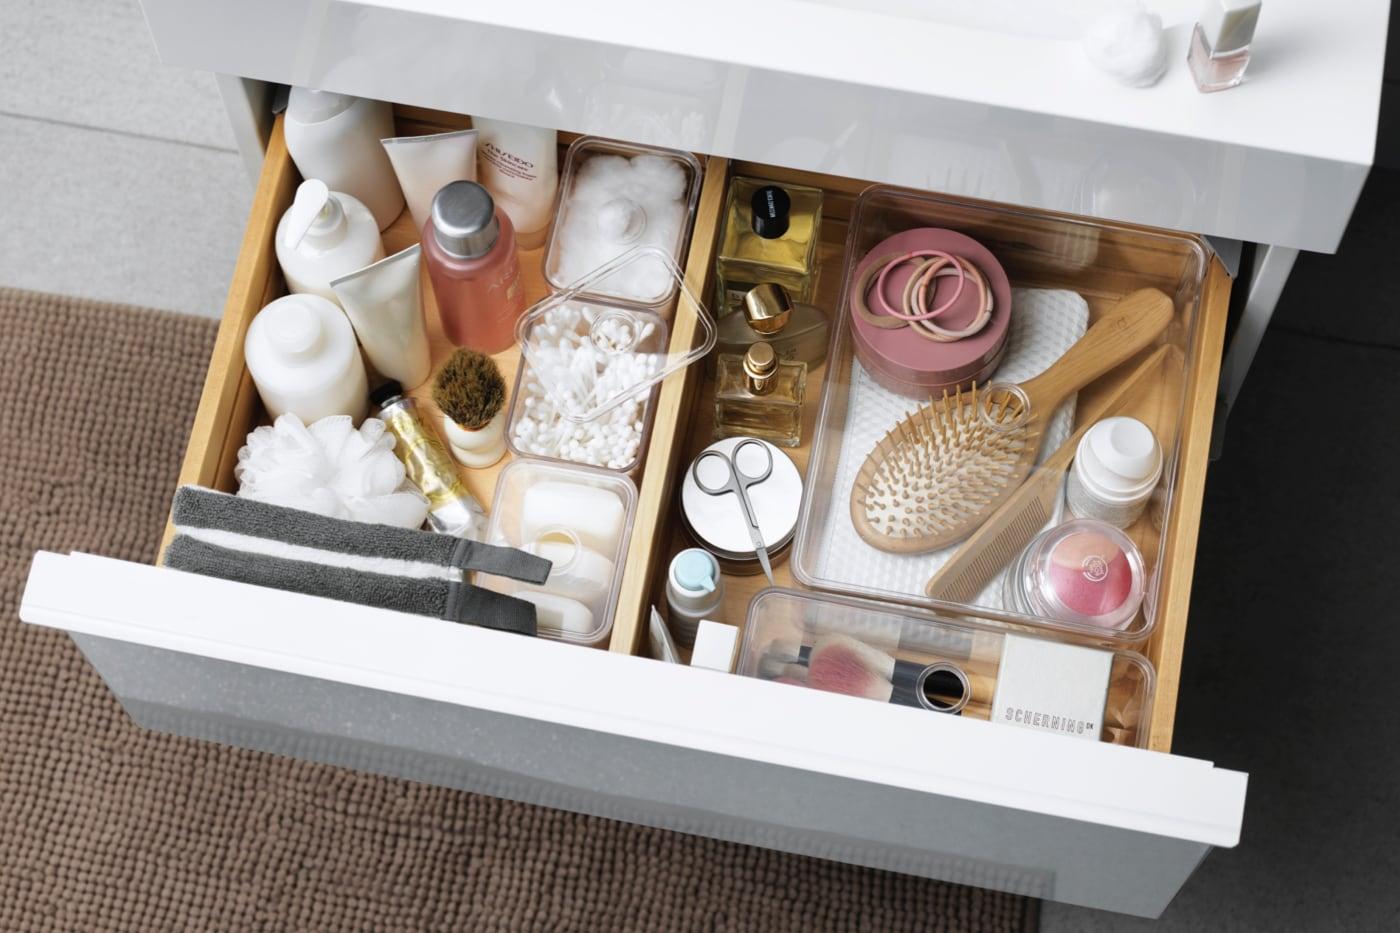 Ratgeber Aufbewahrungstricks für jede Badgröße   IKEA Deutschland